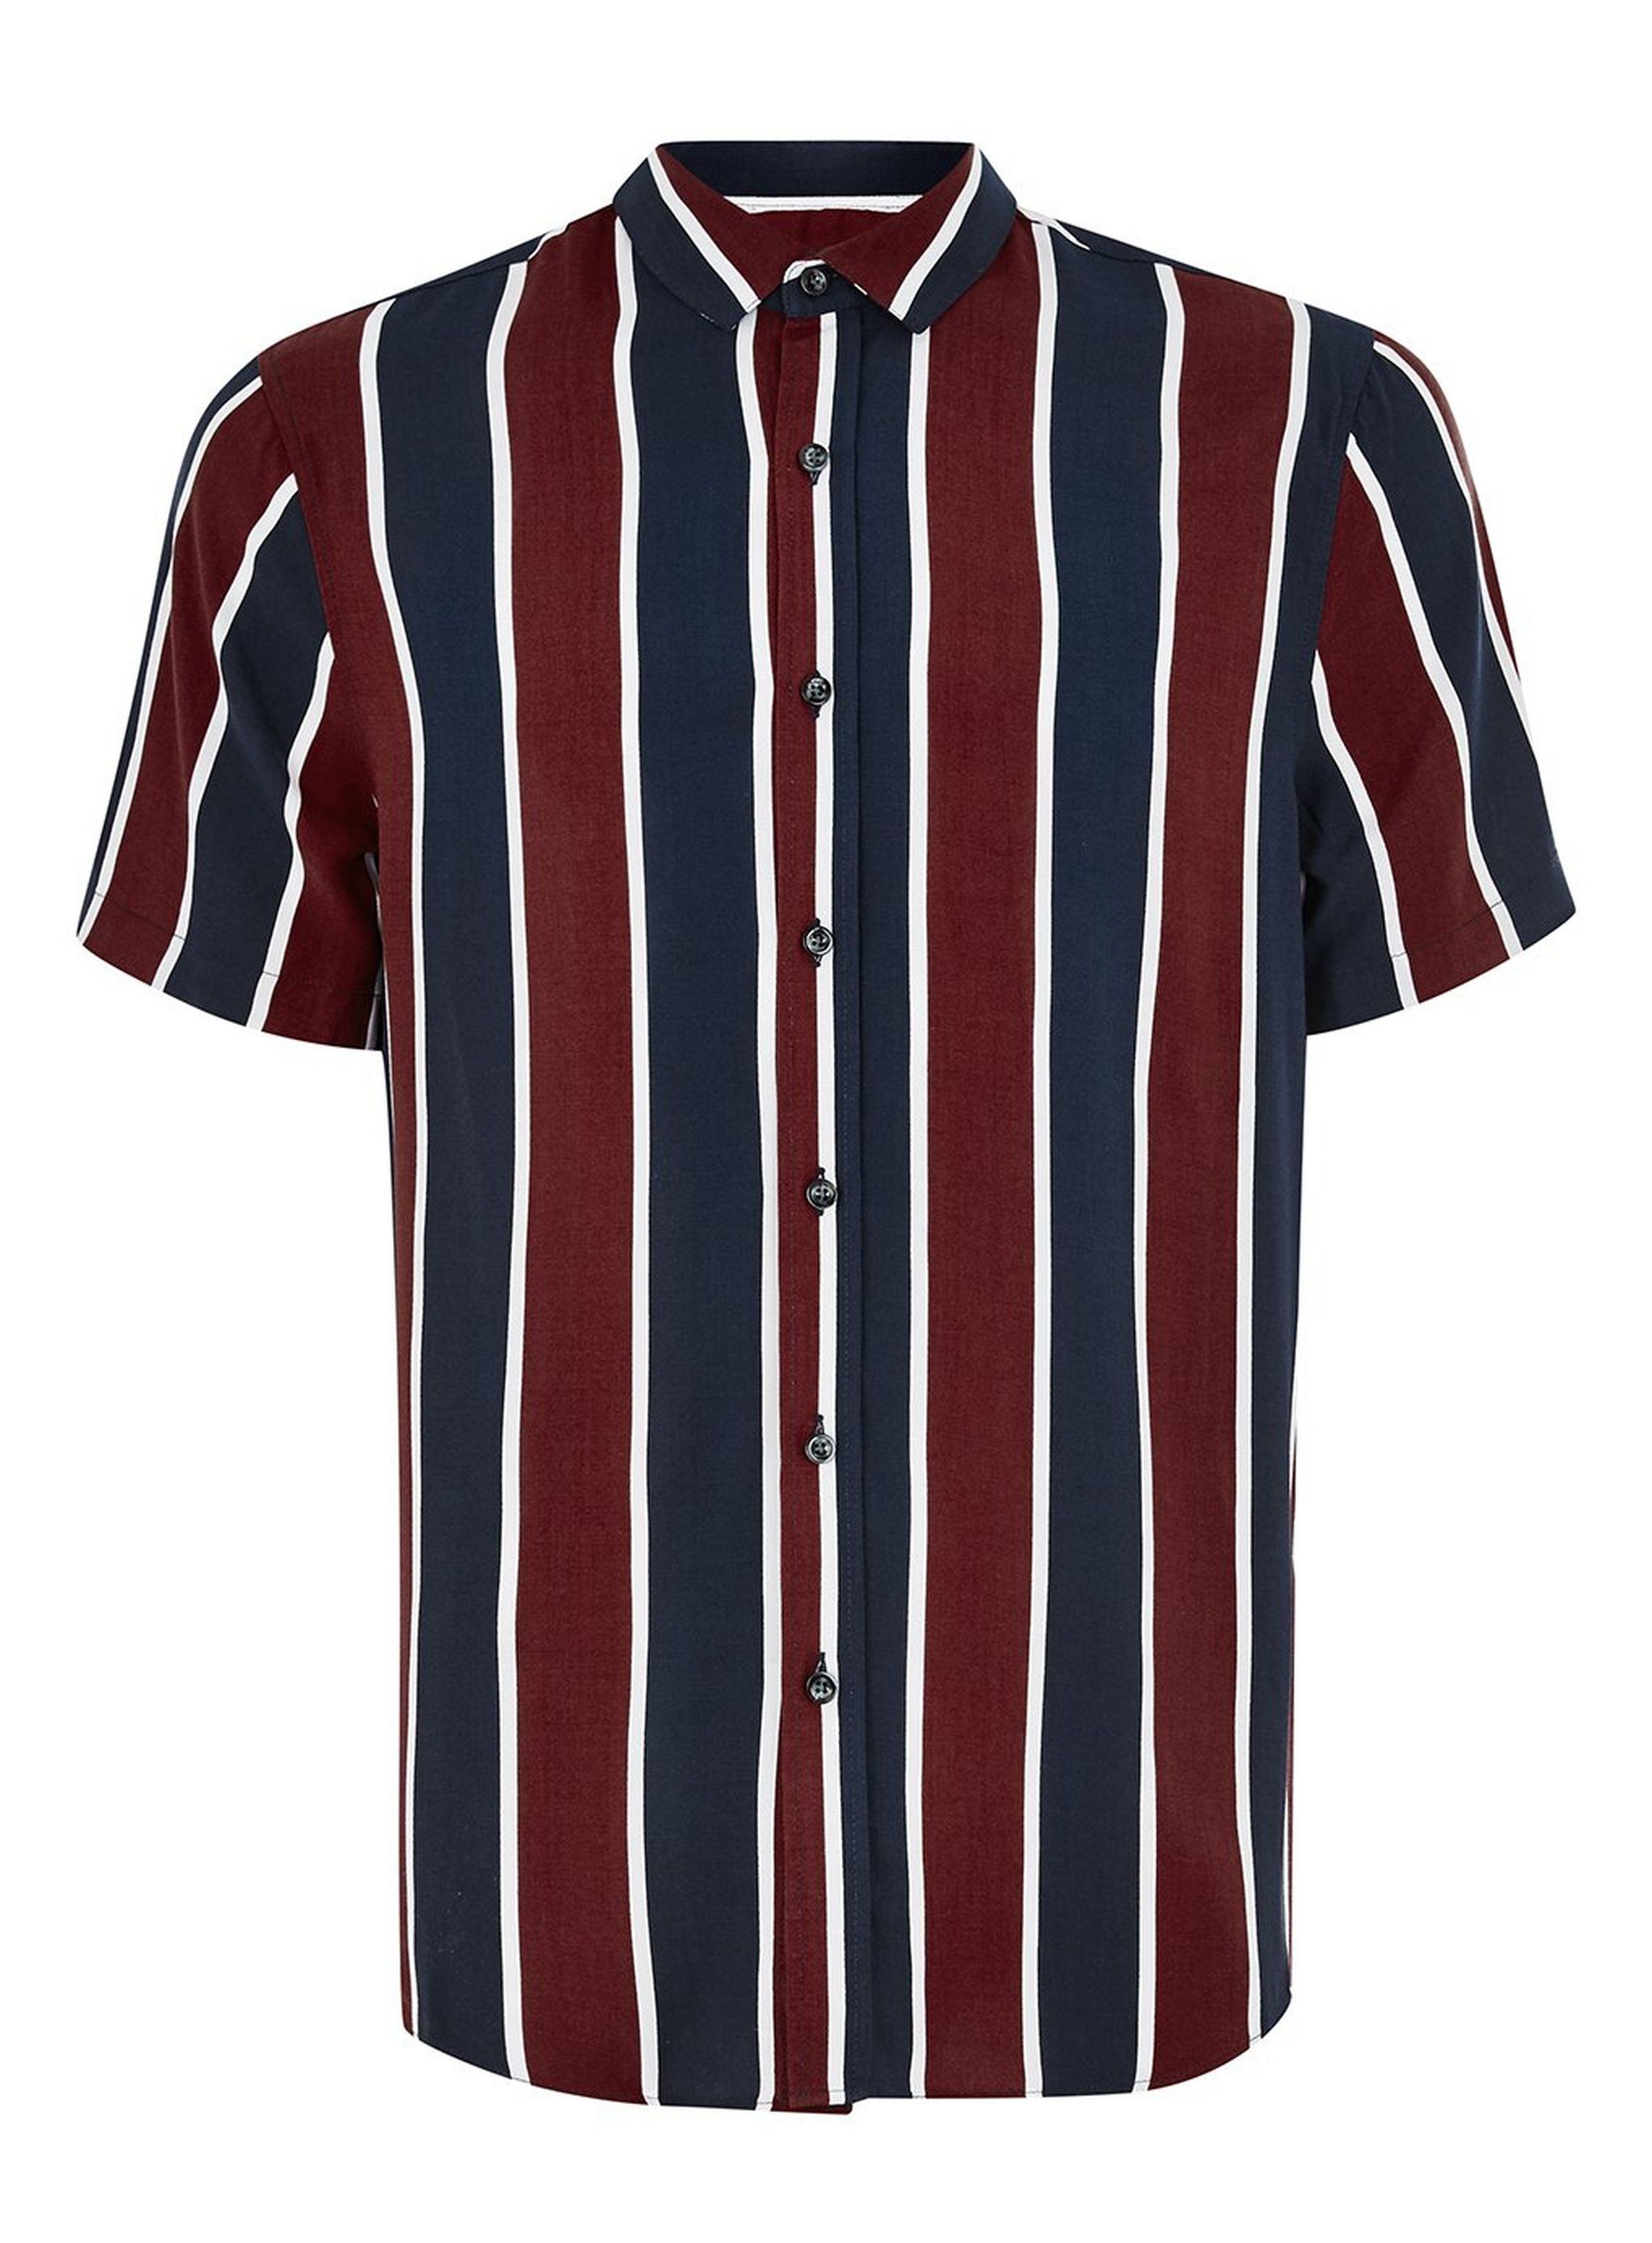 fcbd97c4786e8b Blue and Burgundy Stripe Classic Shirt in 2019